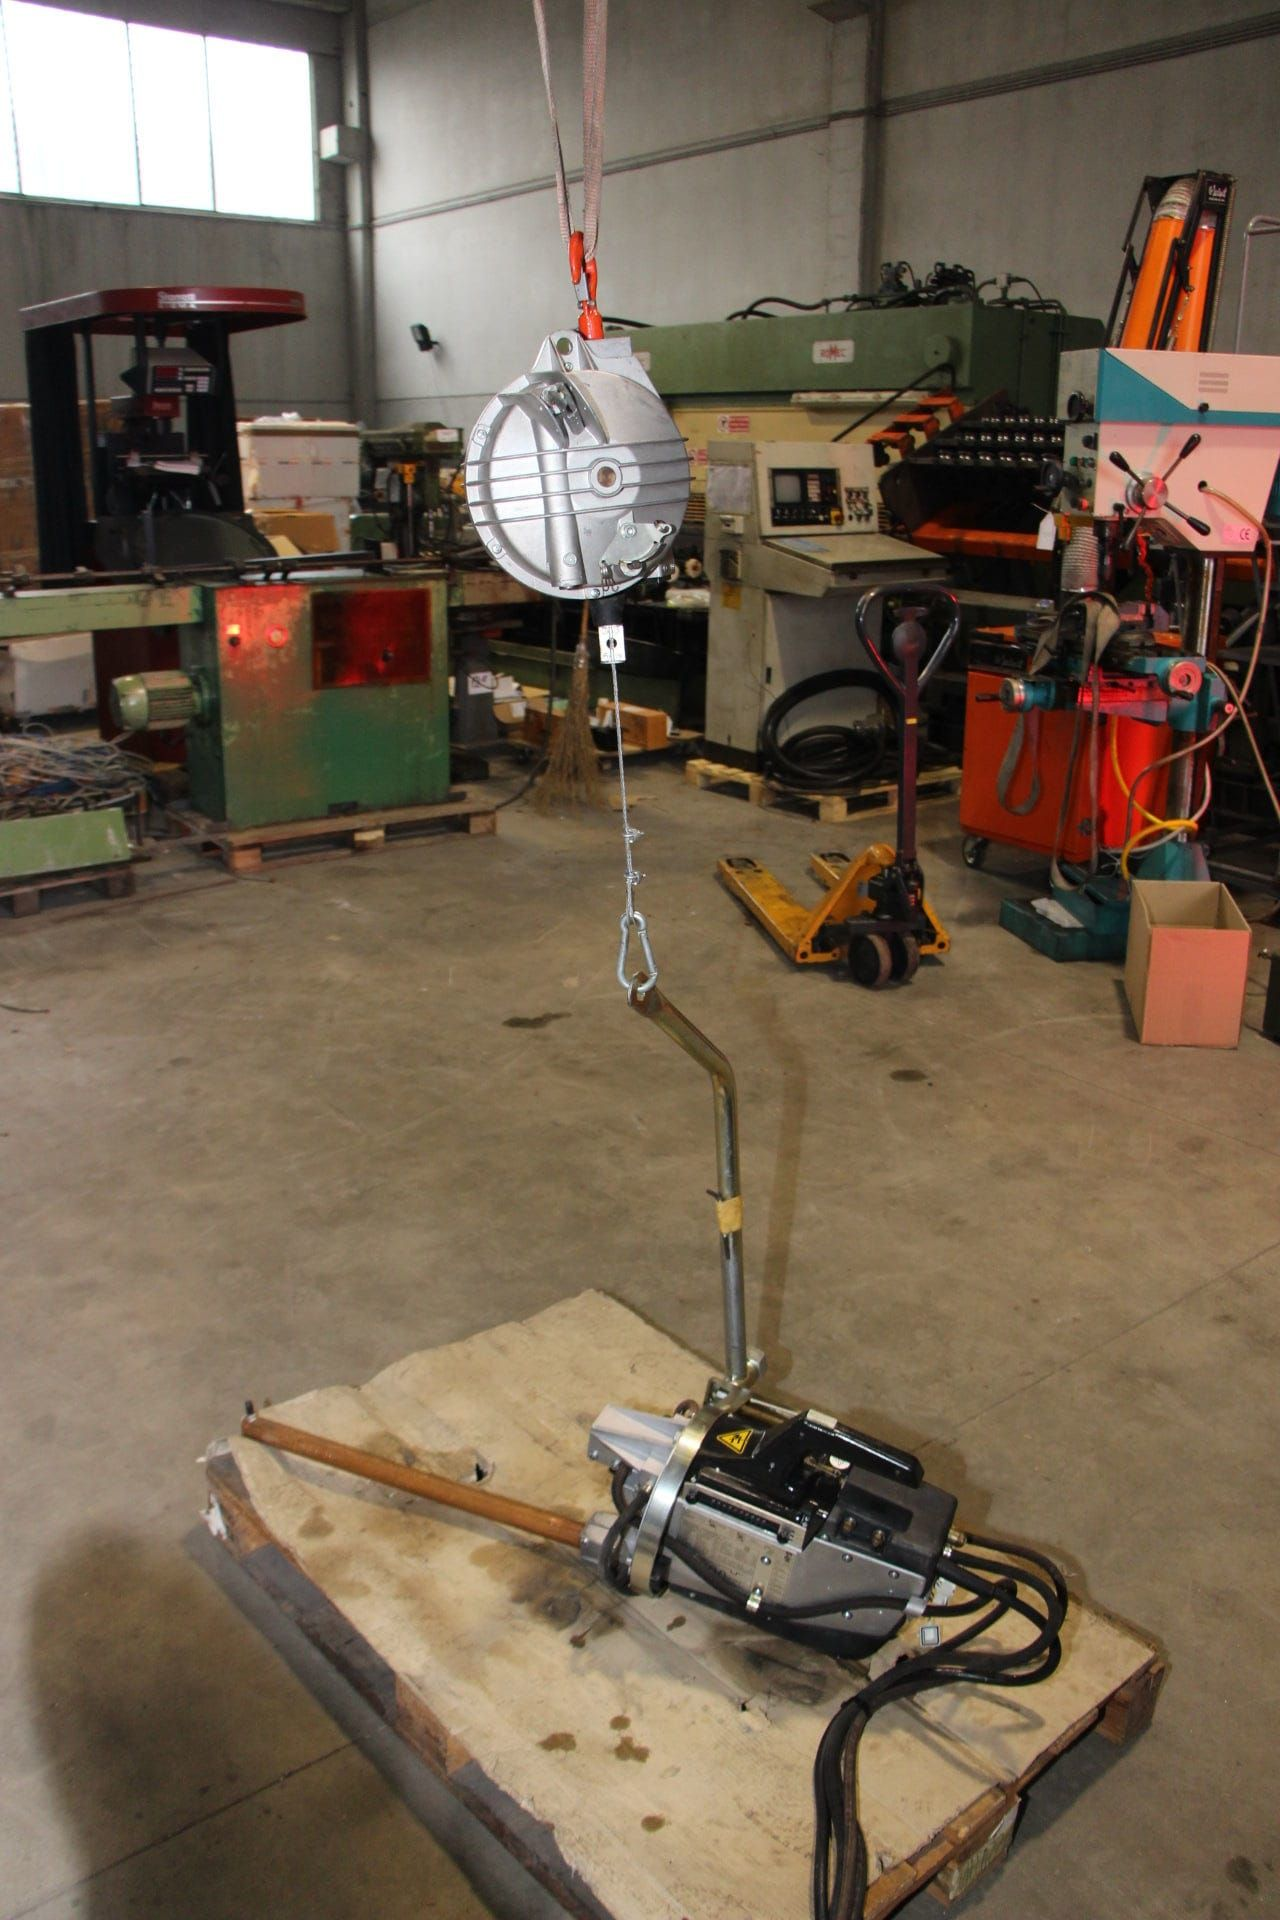 TECNA 3301 Punktschweißgerät mit Ausgleichsvorrichtung (Balancer)